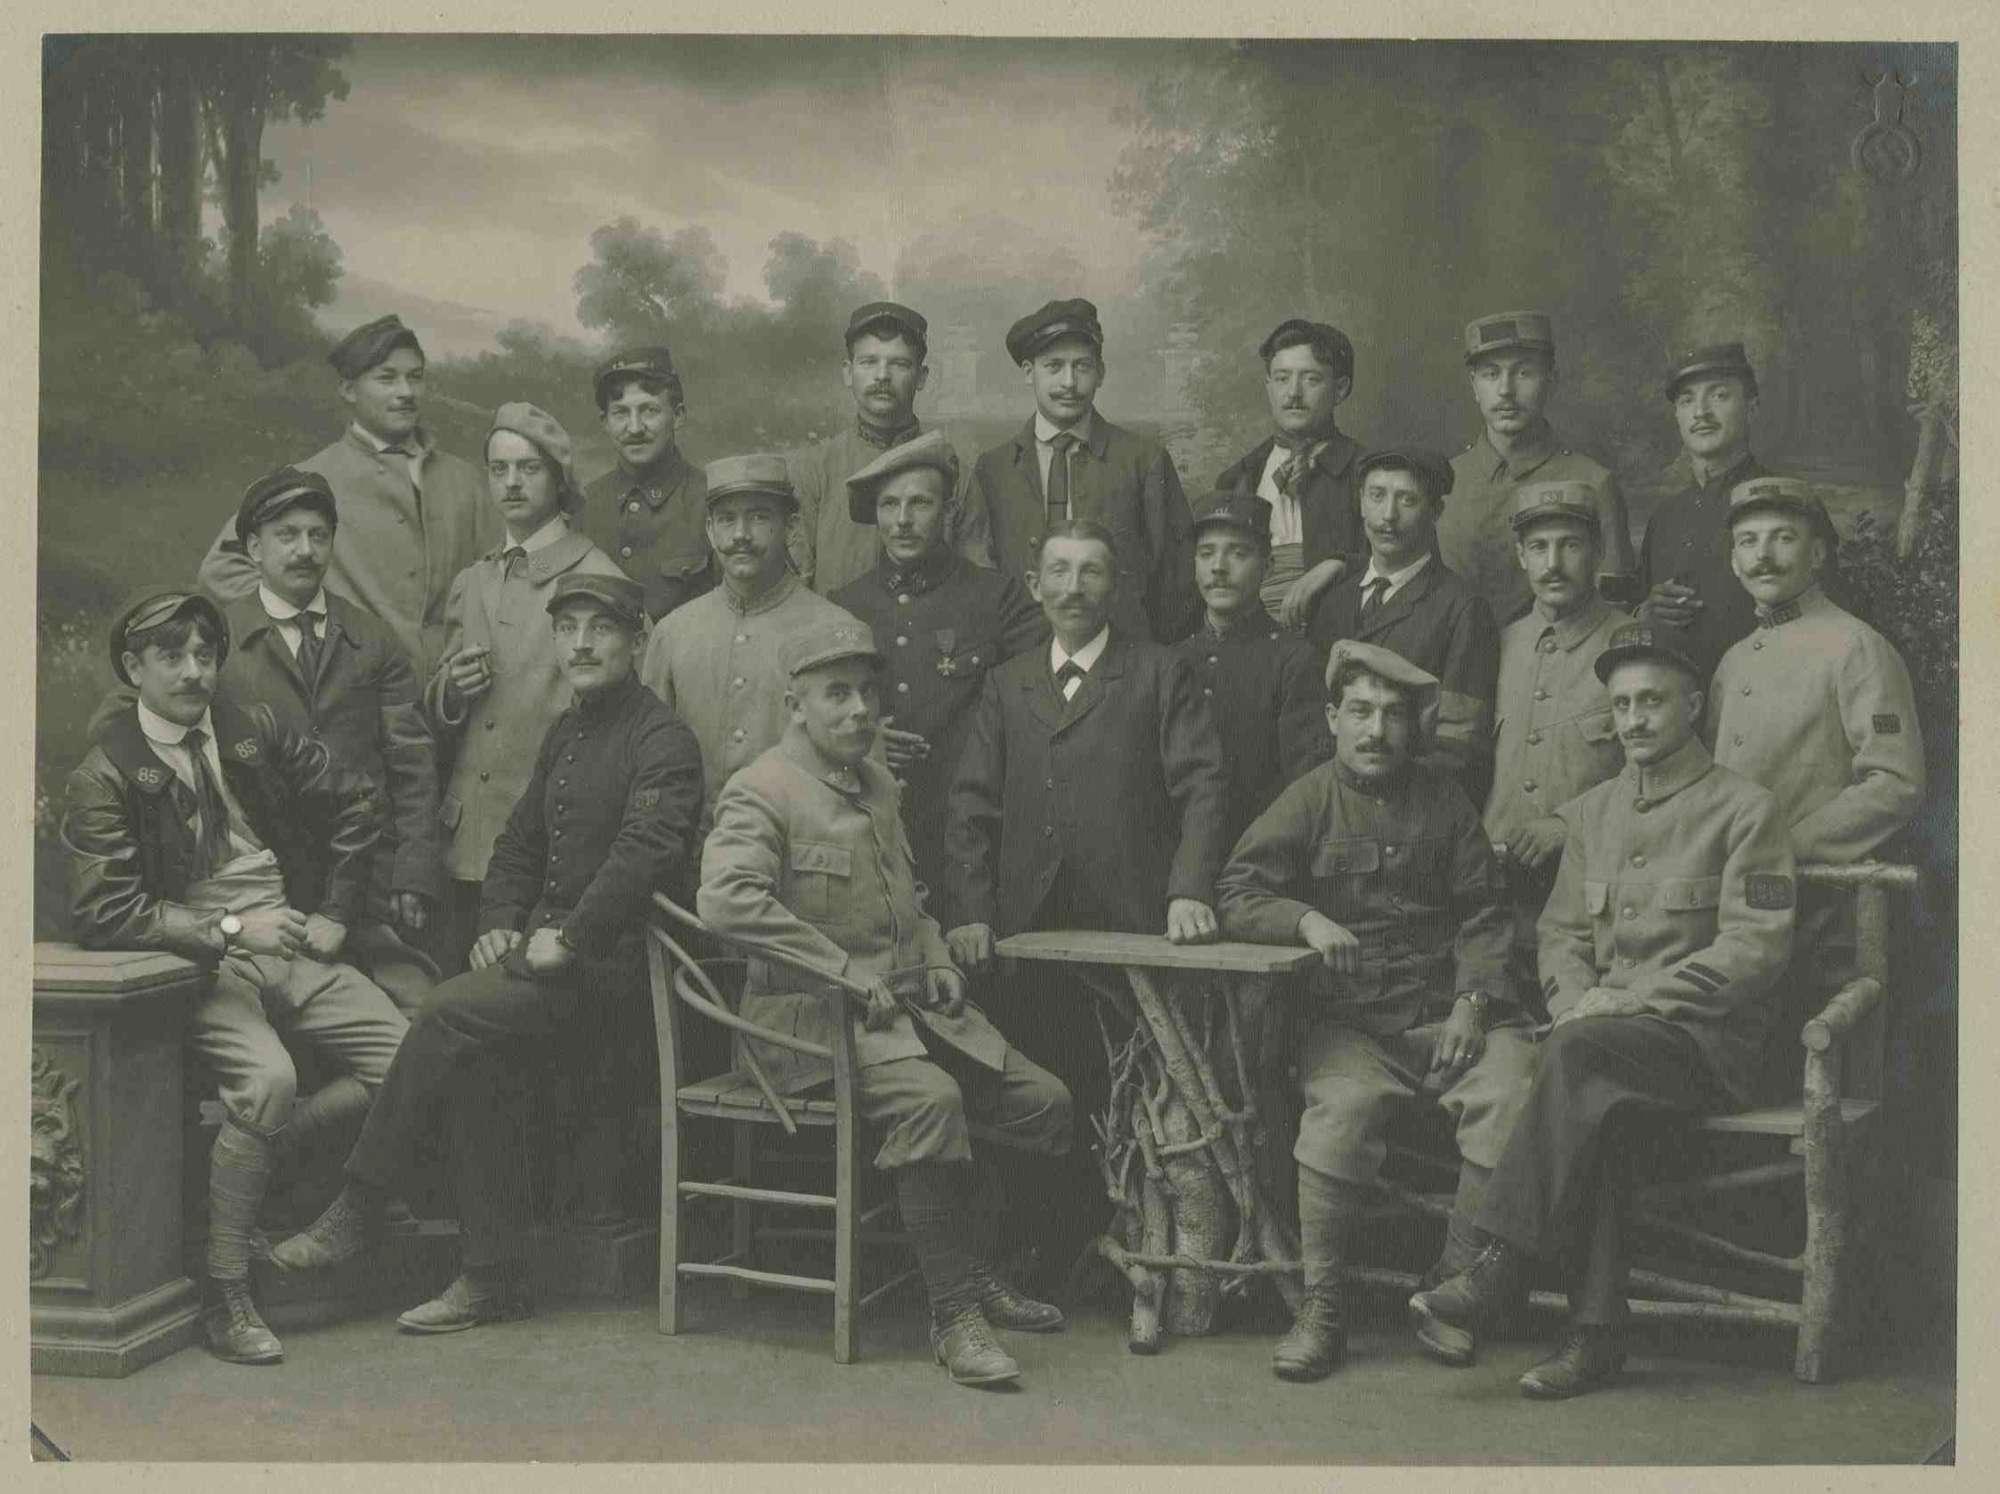 21 Kriegsgefangene, teils stehend, teils sitzend in Atelier positioniert vor gemalter Waldlichtung, Kriegsgefangenenlager Ludwigsburg-Eglosheim, Bild 1